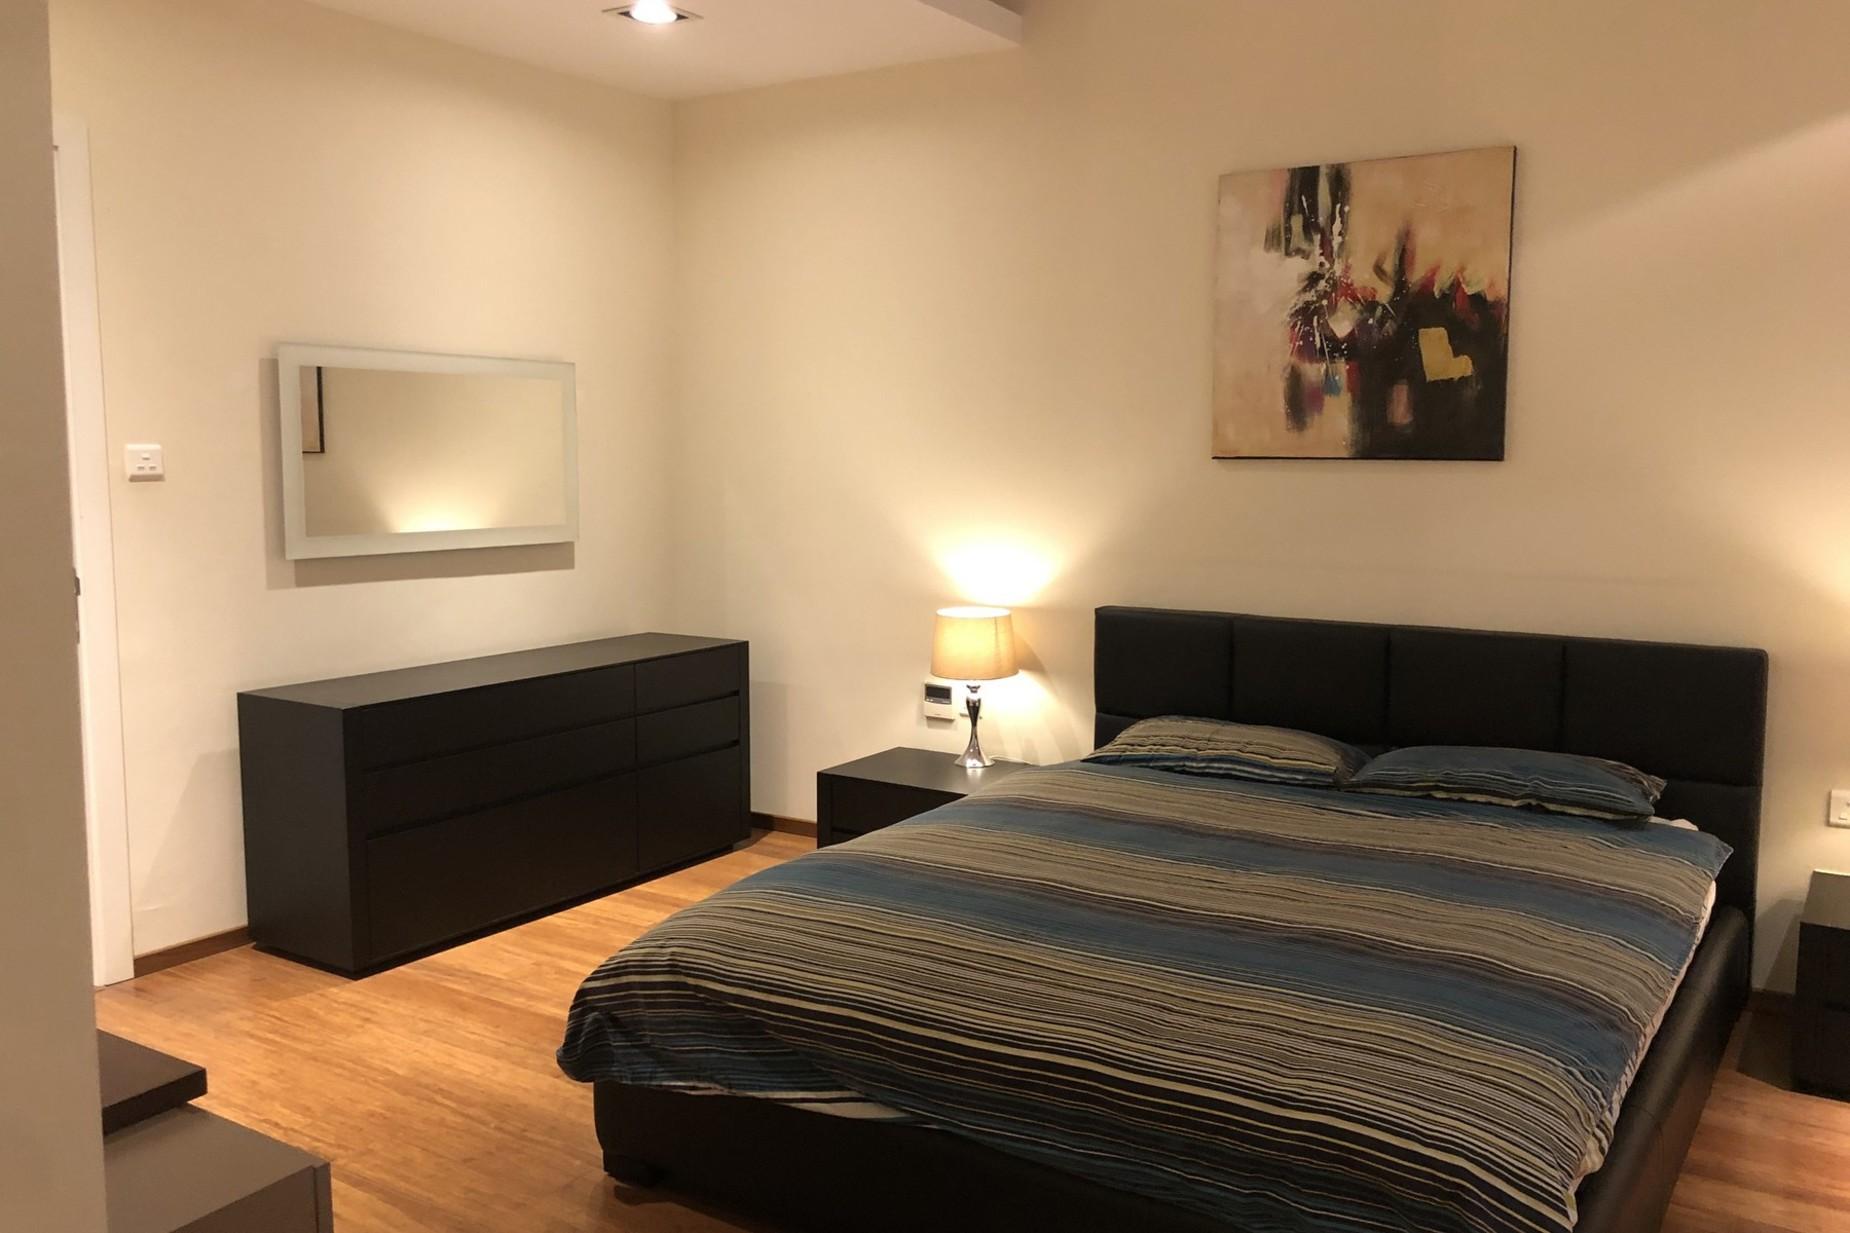 3 bed Apartment For Rent in Ta' Xbiex, Ta' Xbiex - thumb 13